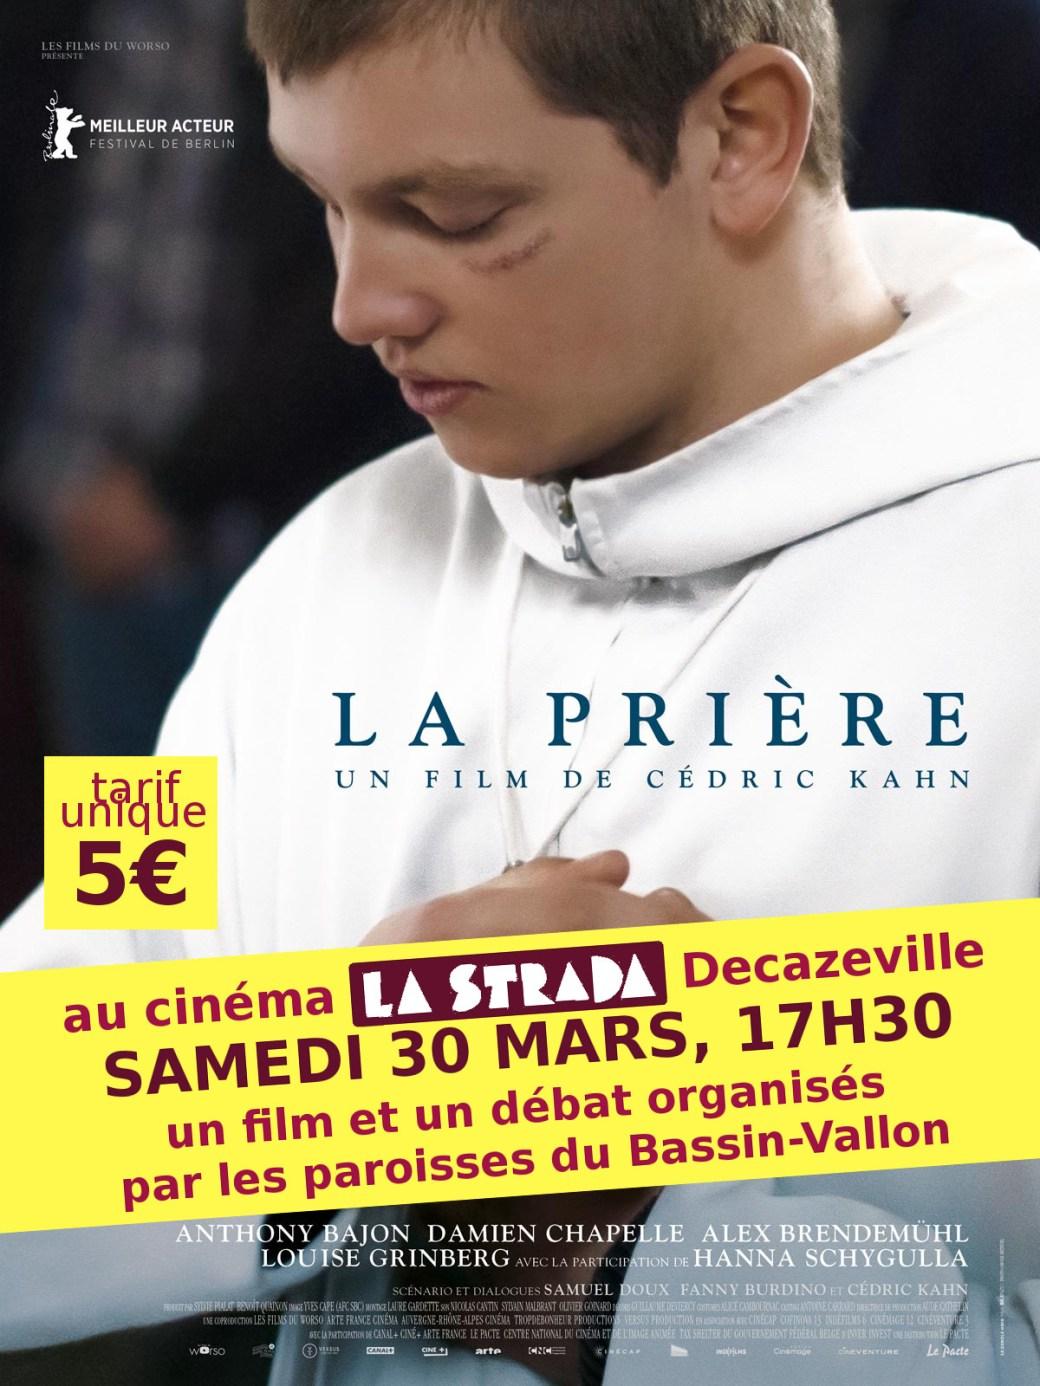 Ciné-débat avec le film La Prière de Cédric Kahn (2018) à La Strada, Decazeville,, puis repas partagé : samedi 30/3 17h30